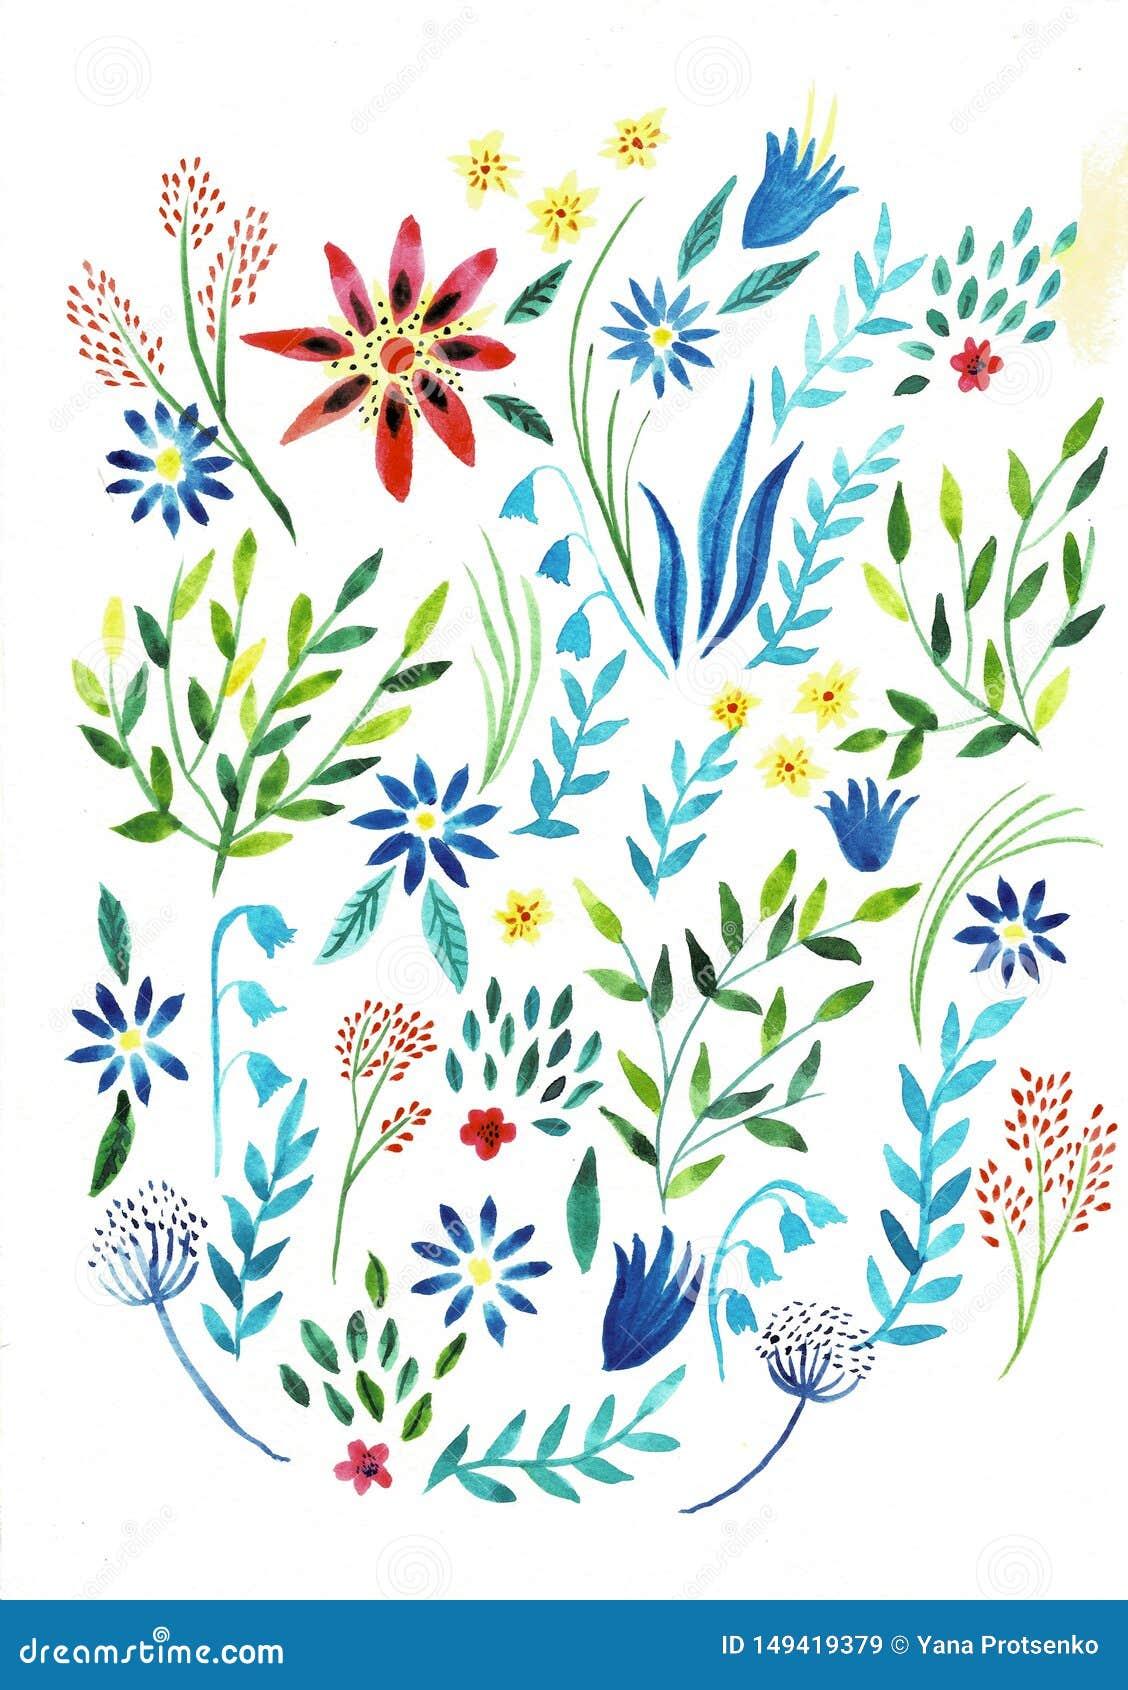 Μεγάλη καθορισμένη απεικόνιση watercolor Βοτανική συλλογή των εγκαταστάσεων άγρια περιοχών και κήπων Σύνολο: φύλλα, λουλούδια, κλ